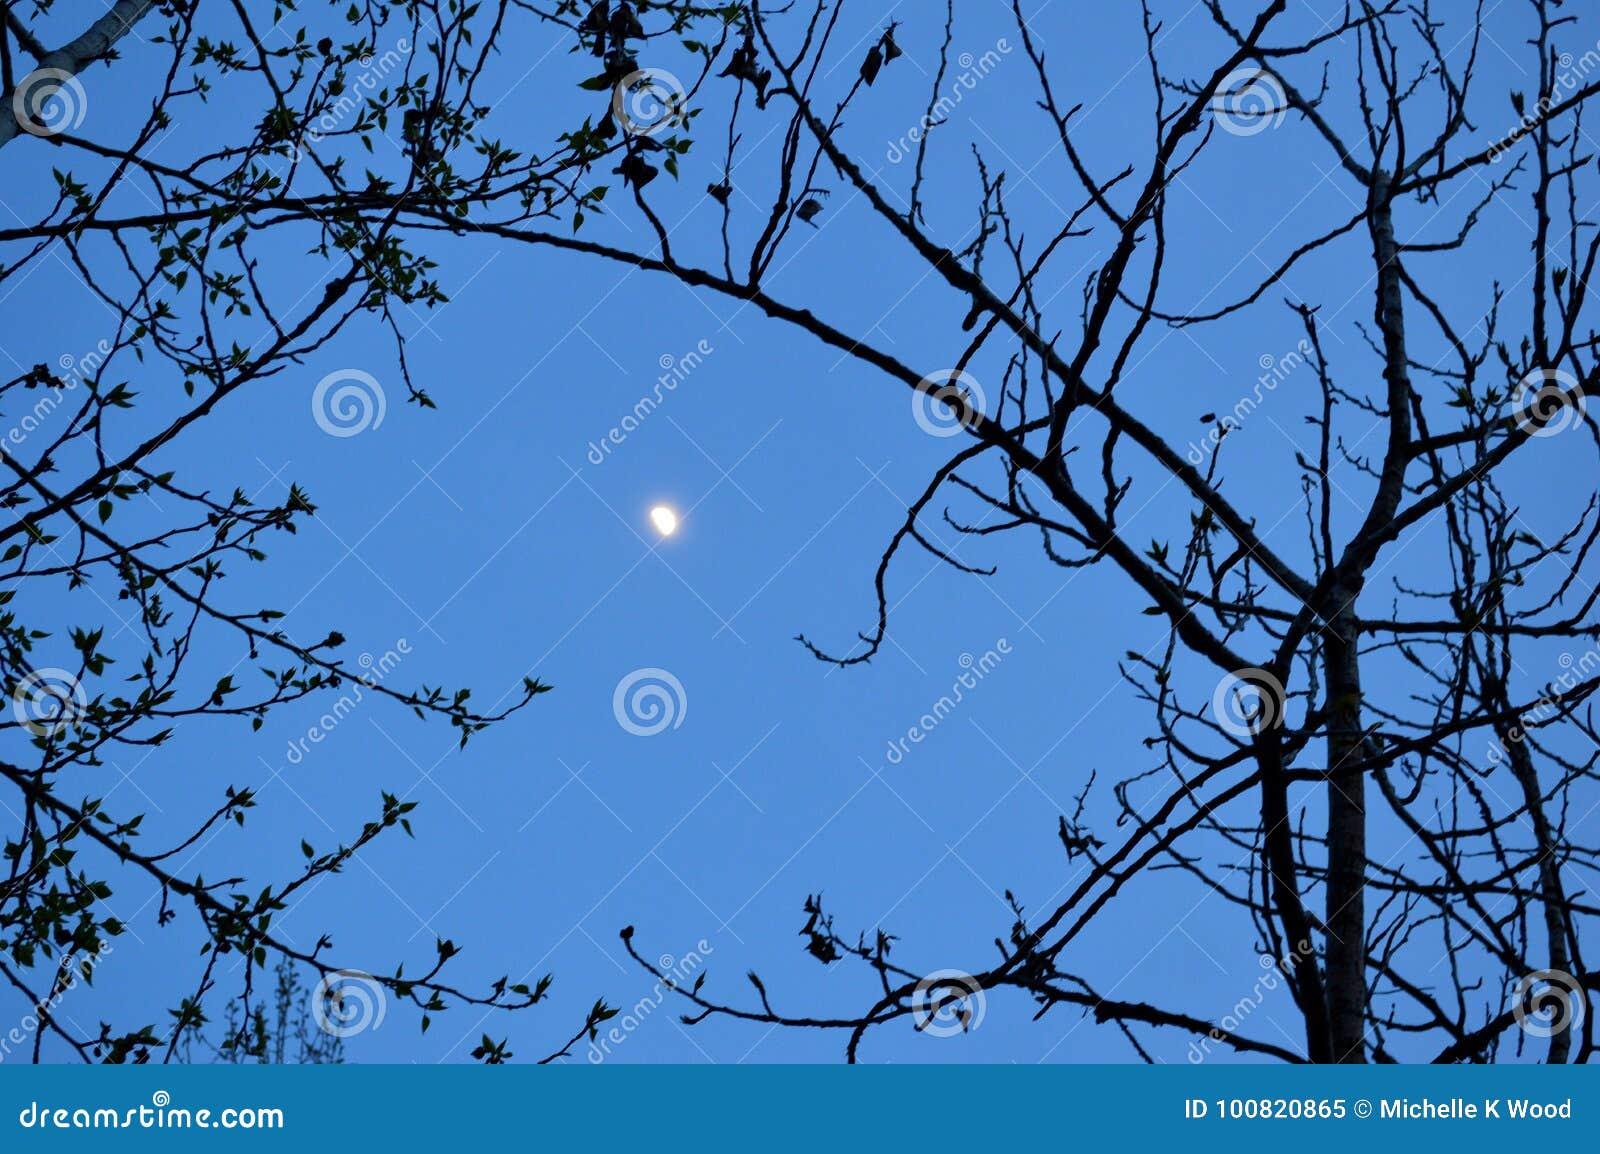 Waxing gibbous moon 2